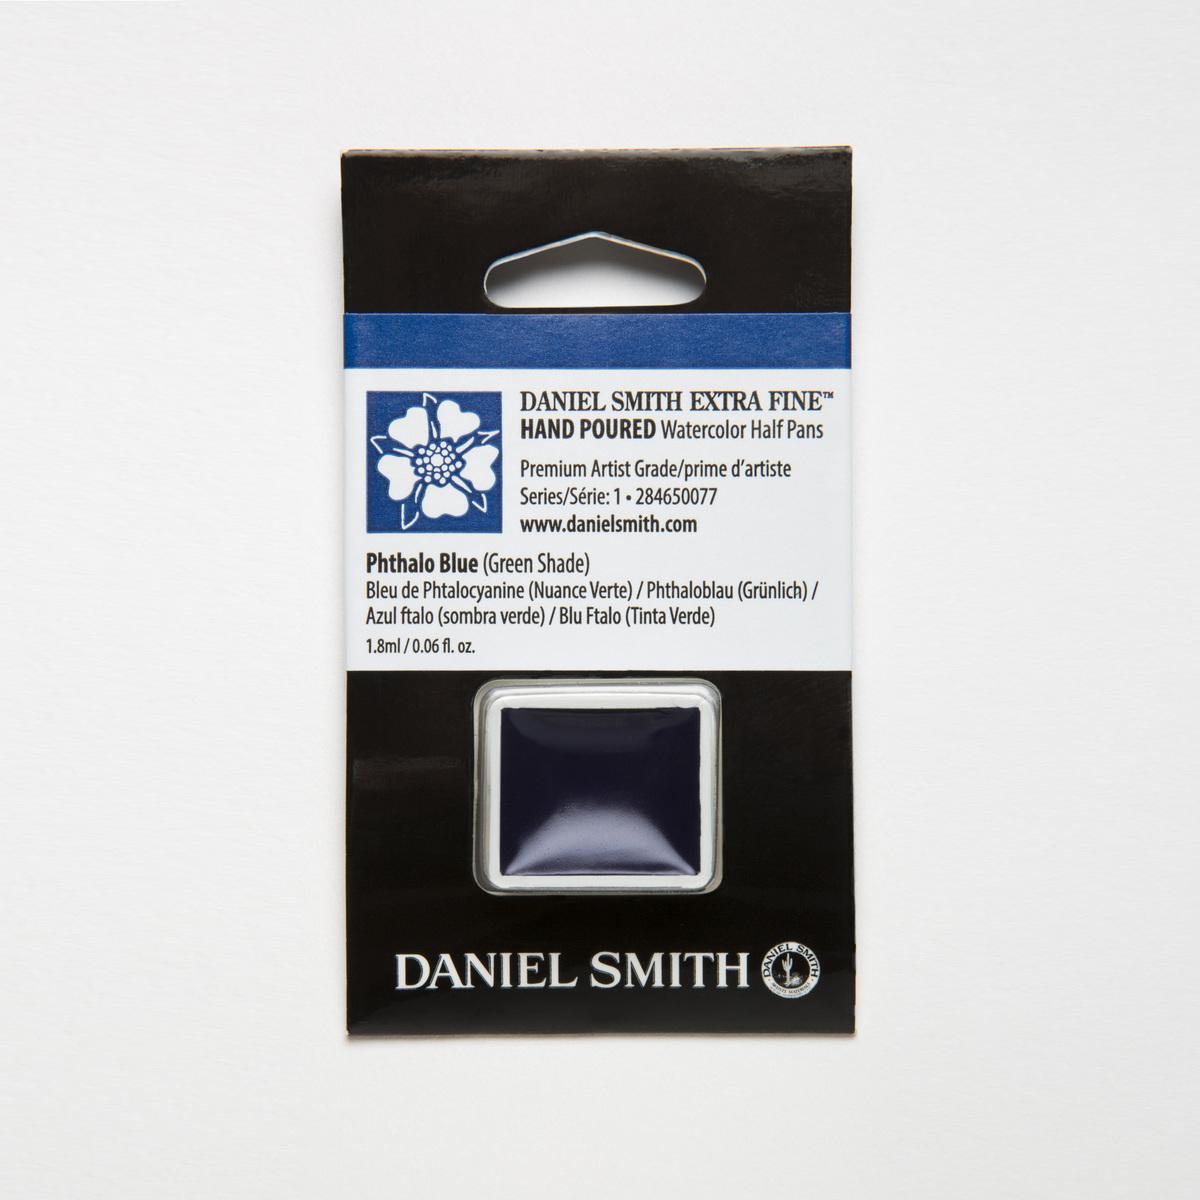 DANIEL SMITH フタロブルーグリーンシェード Phthalo Blue 最安値に挑戦 ハーフパン 激安格安割引情報満載 水彩絵具 スミス GS ダニエル